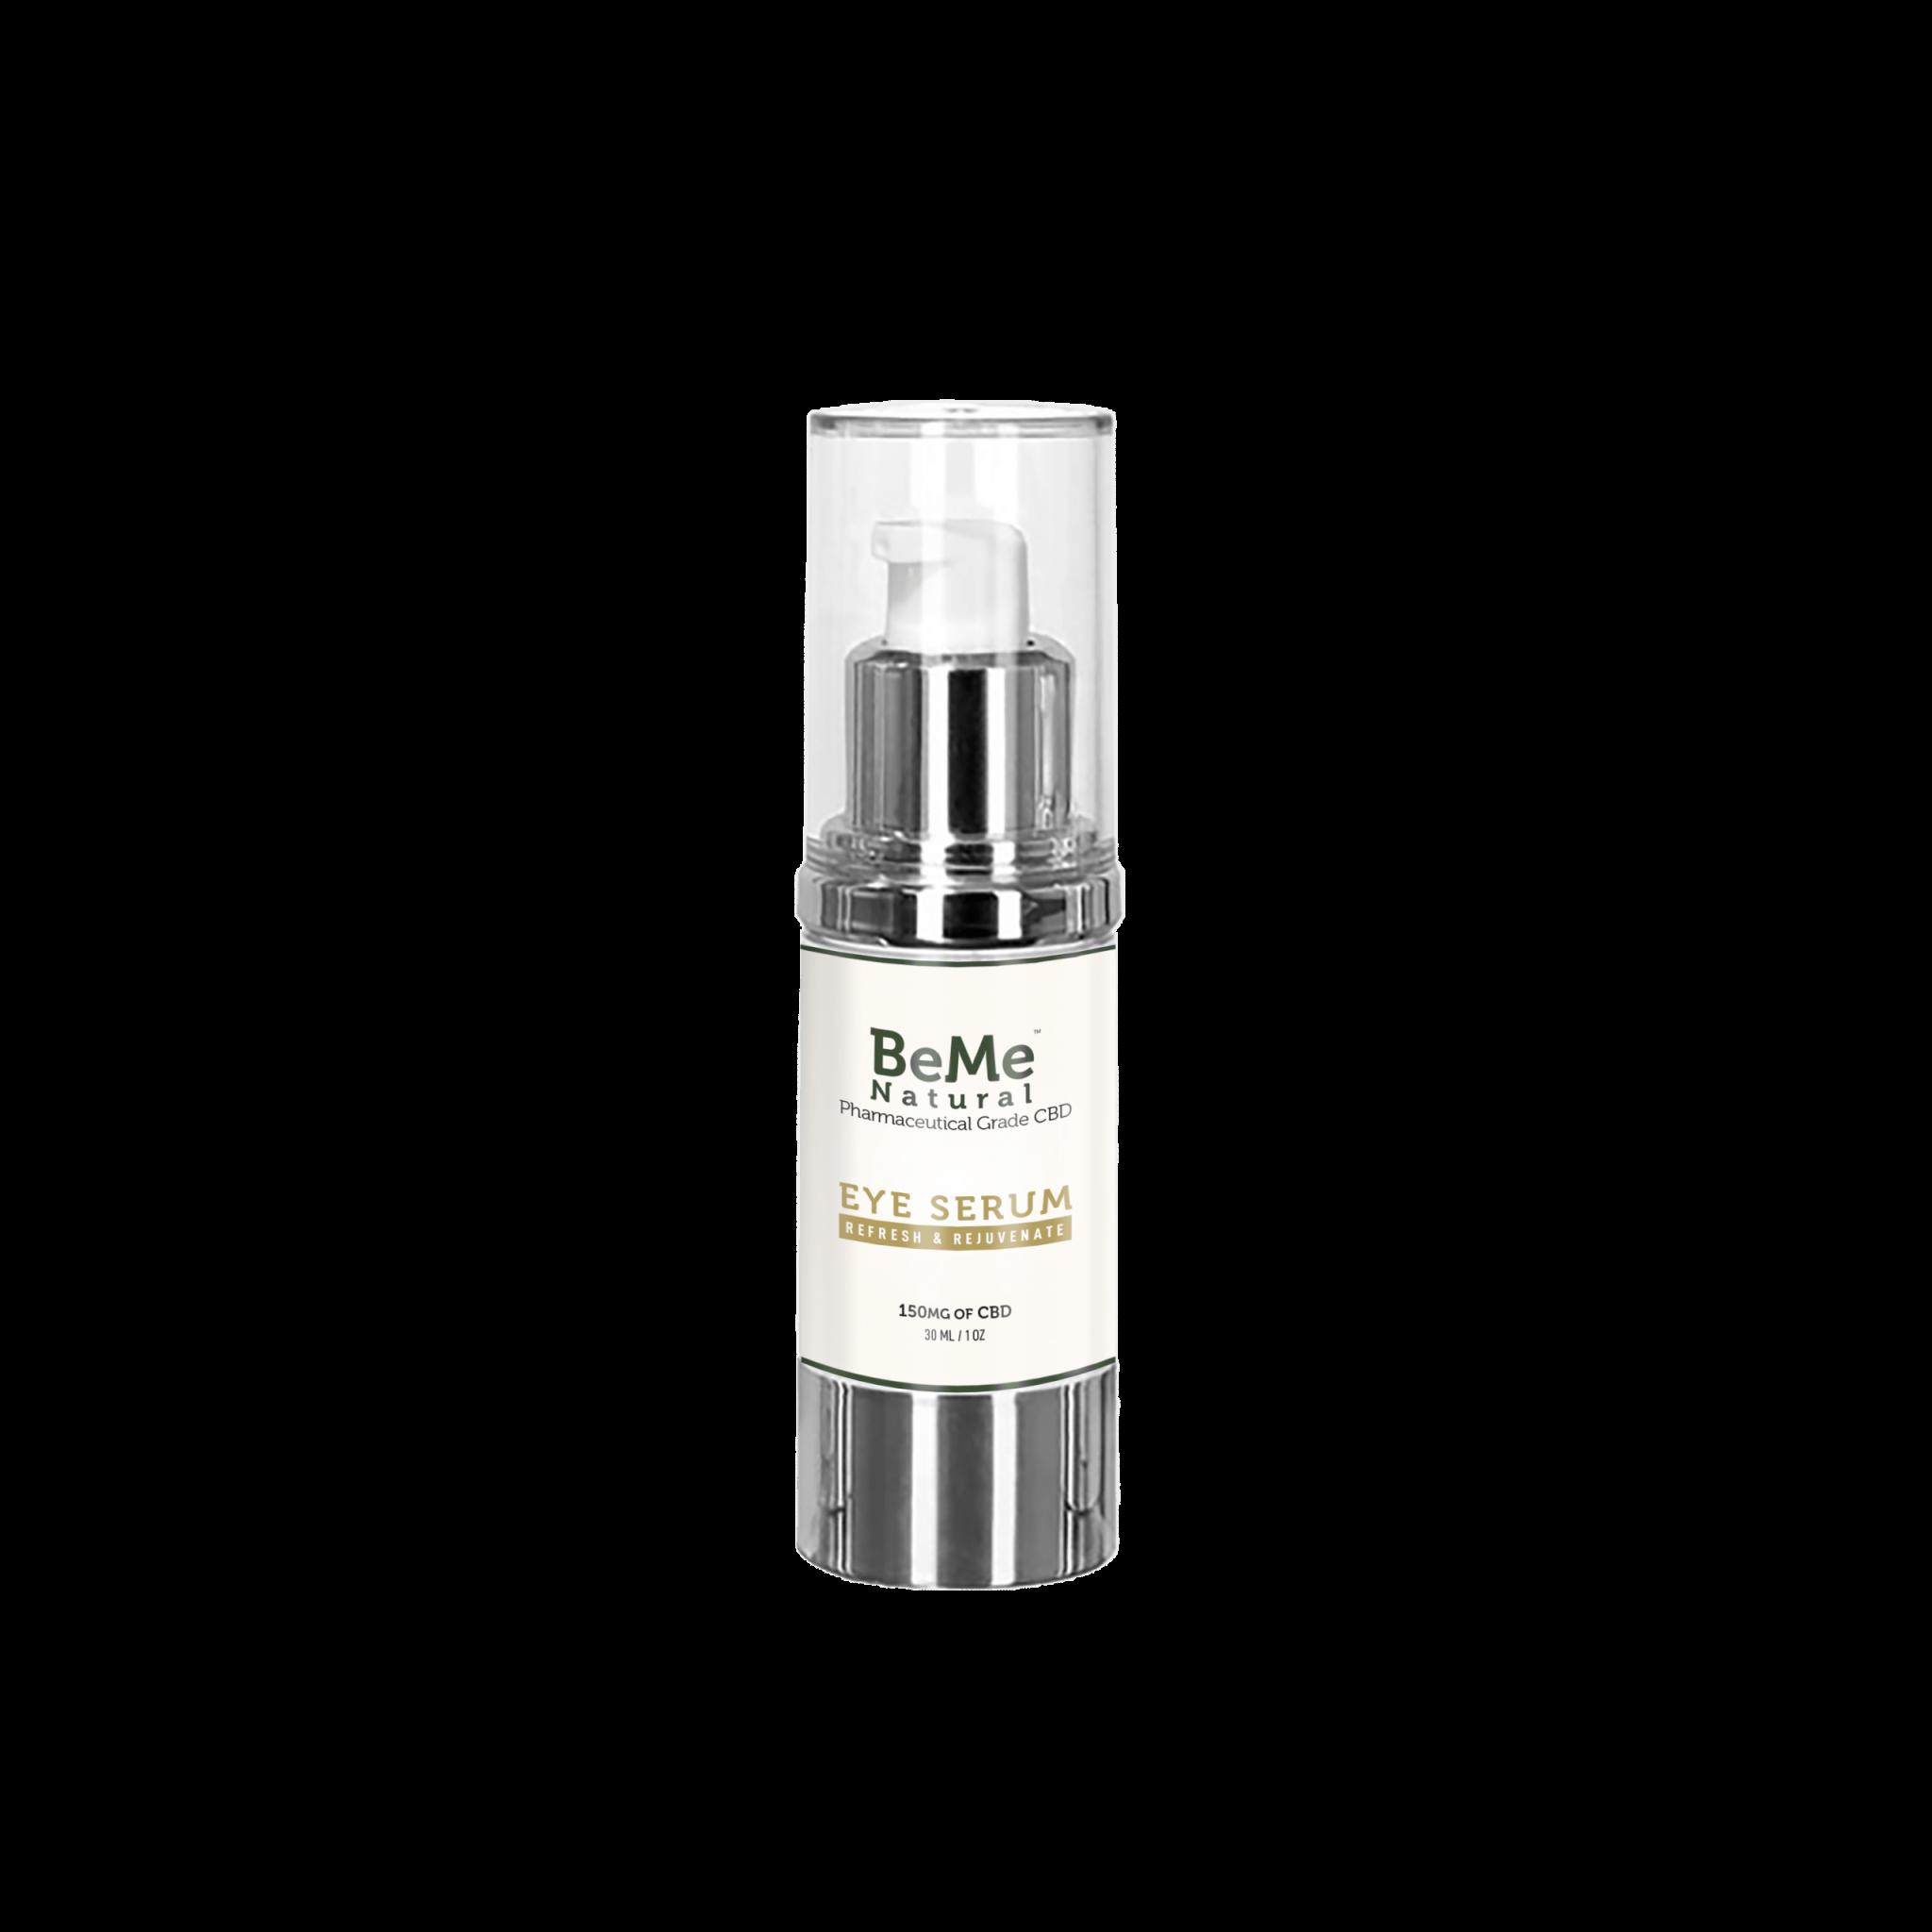 BeMeNatural Eye Serum Front rendering min scaled - CBD Eye Serum – 150mg